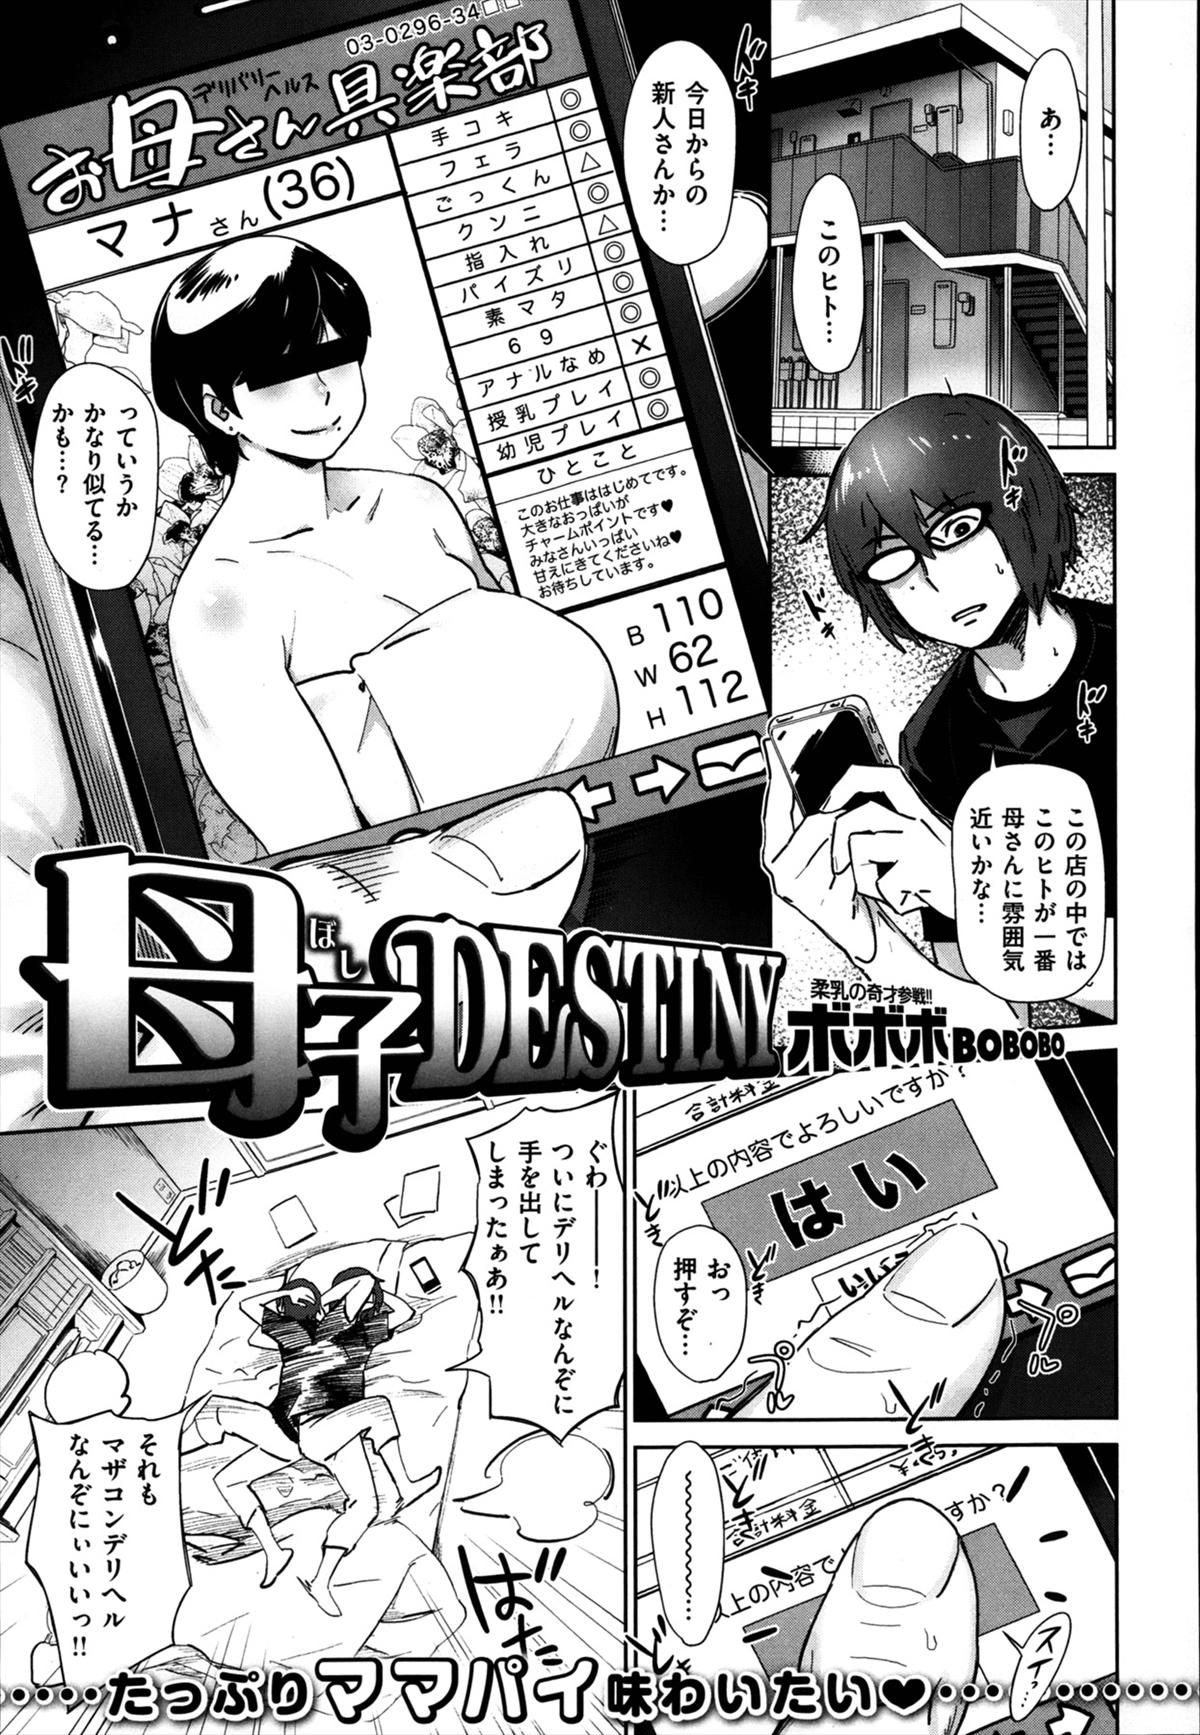 [ボボボ] 母子DESTINY (1)